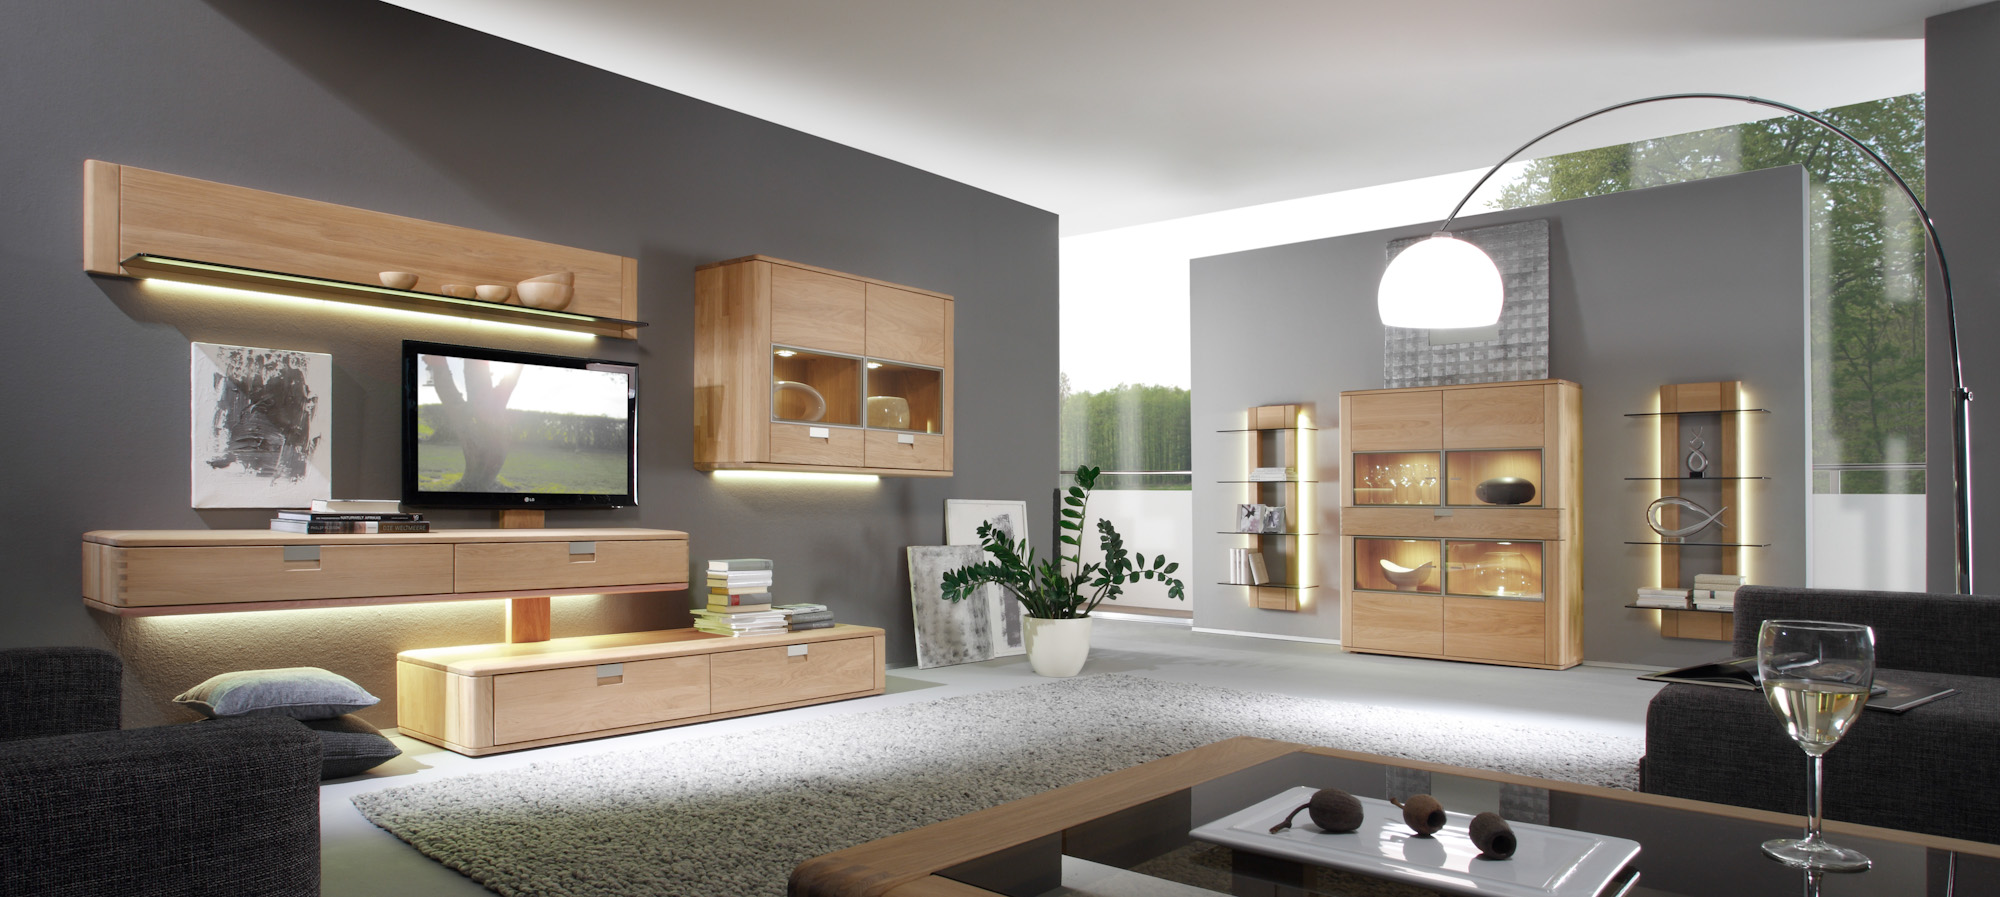 Full Size of Wohnzimmer Modern Eiche Rustikal Modernisieren Ideen Dekoration Dekorieren Streichen Luxus Gestalten Altes Wohnmbel Mbel Morschett Led Deckenleuchte Wohnzimmer Wohnzimmer Modern